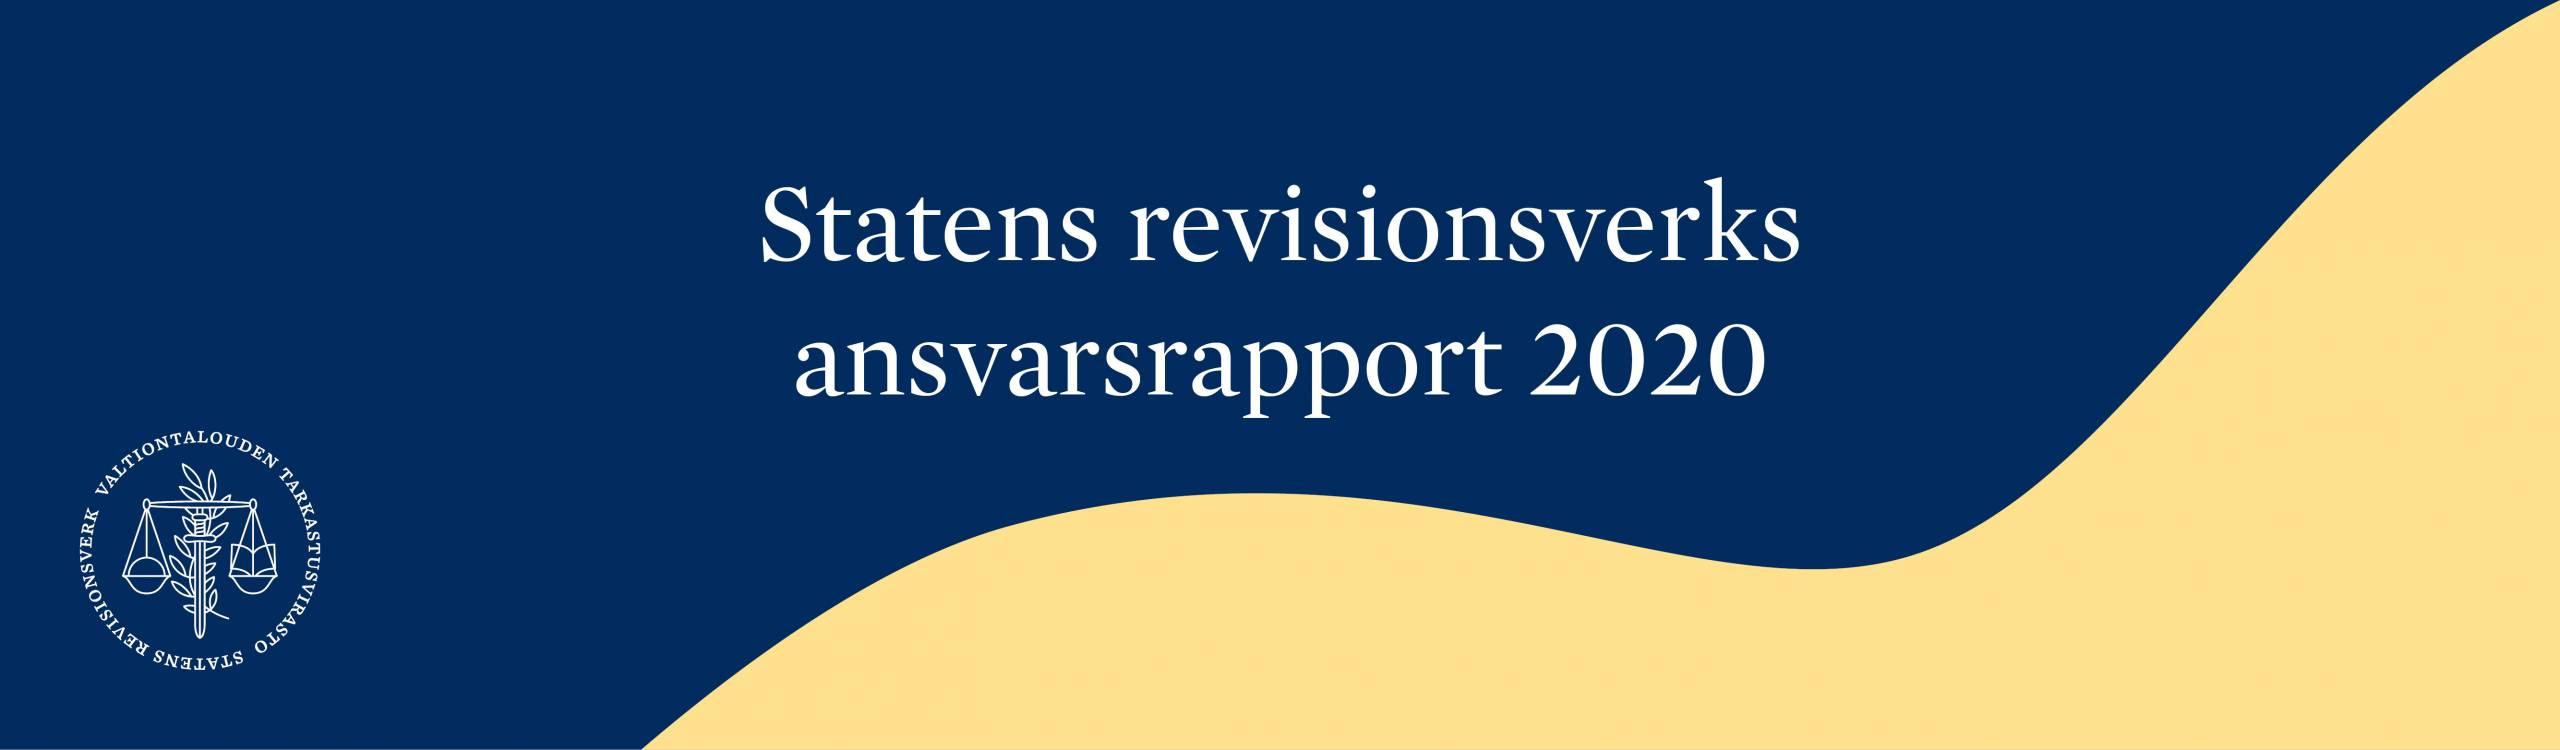 Statens revisionsverks ansvarsrapport 2020